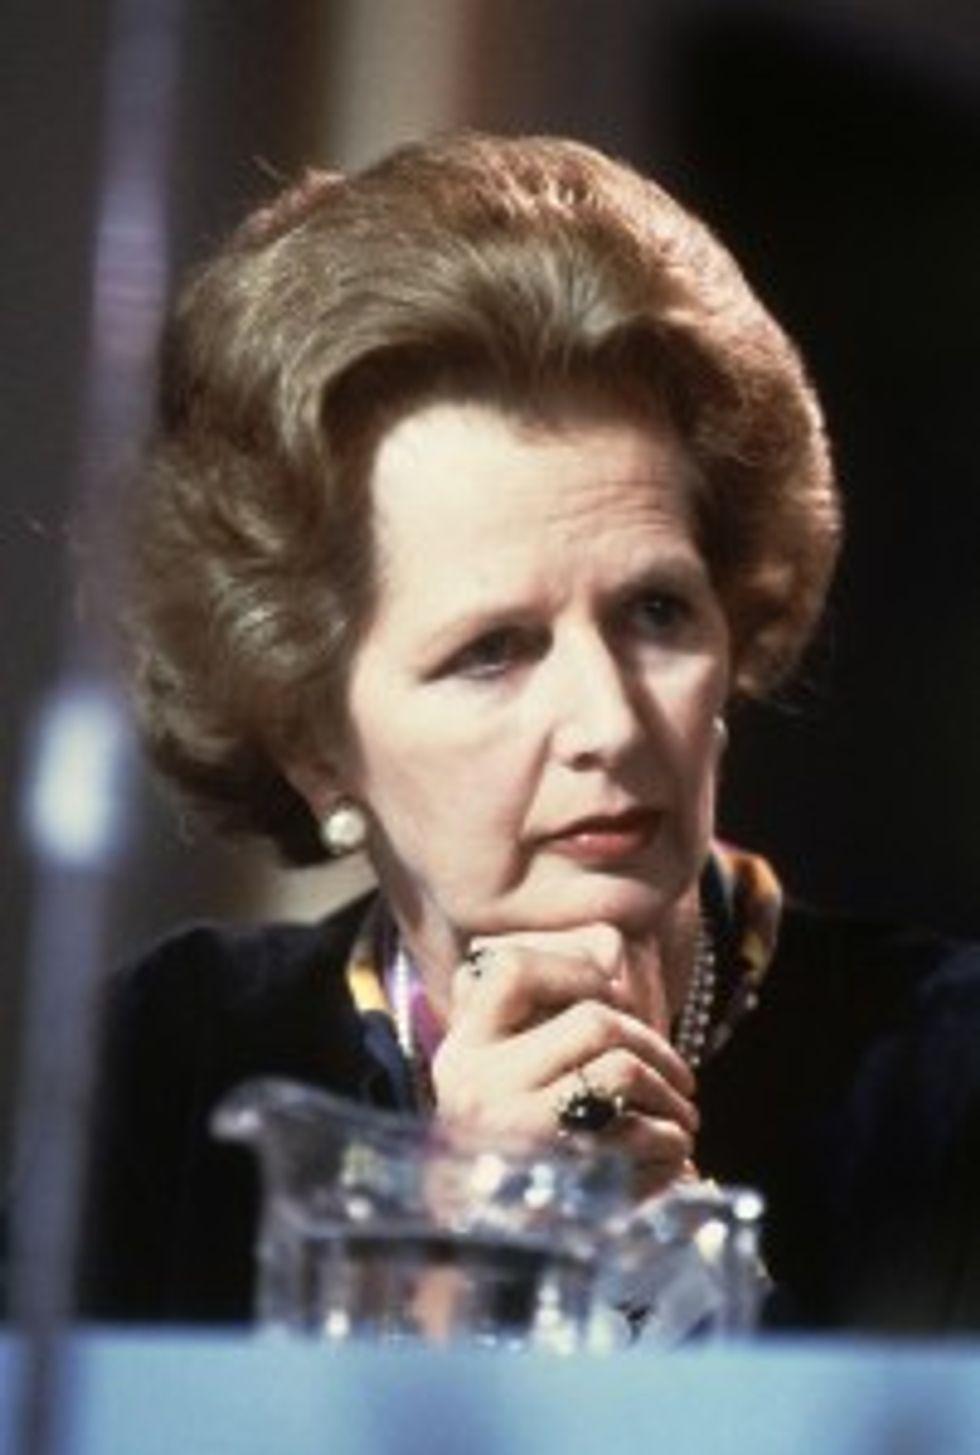 Crisi: Margaret Thatcher e l'intervista impossibile